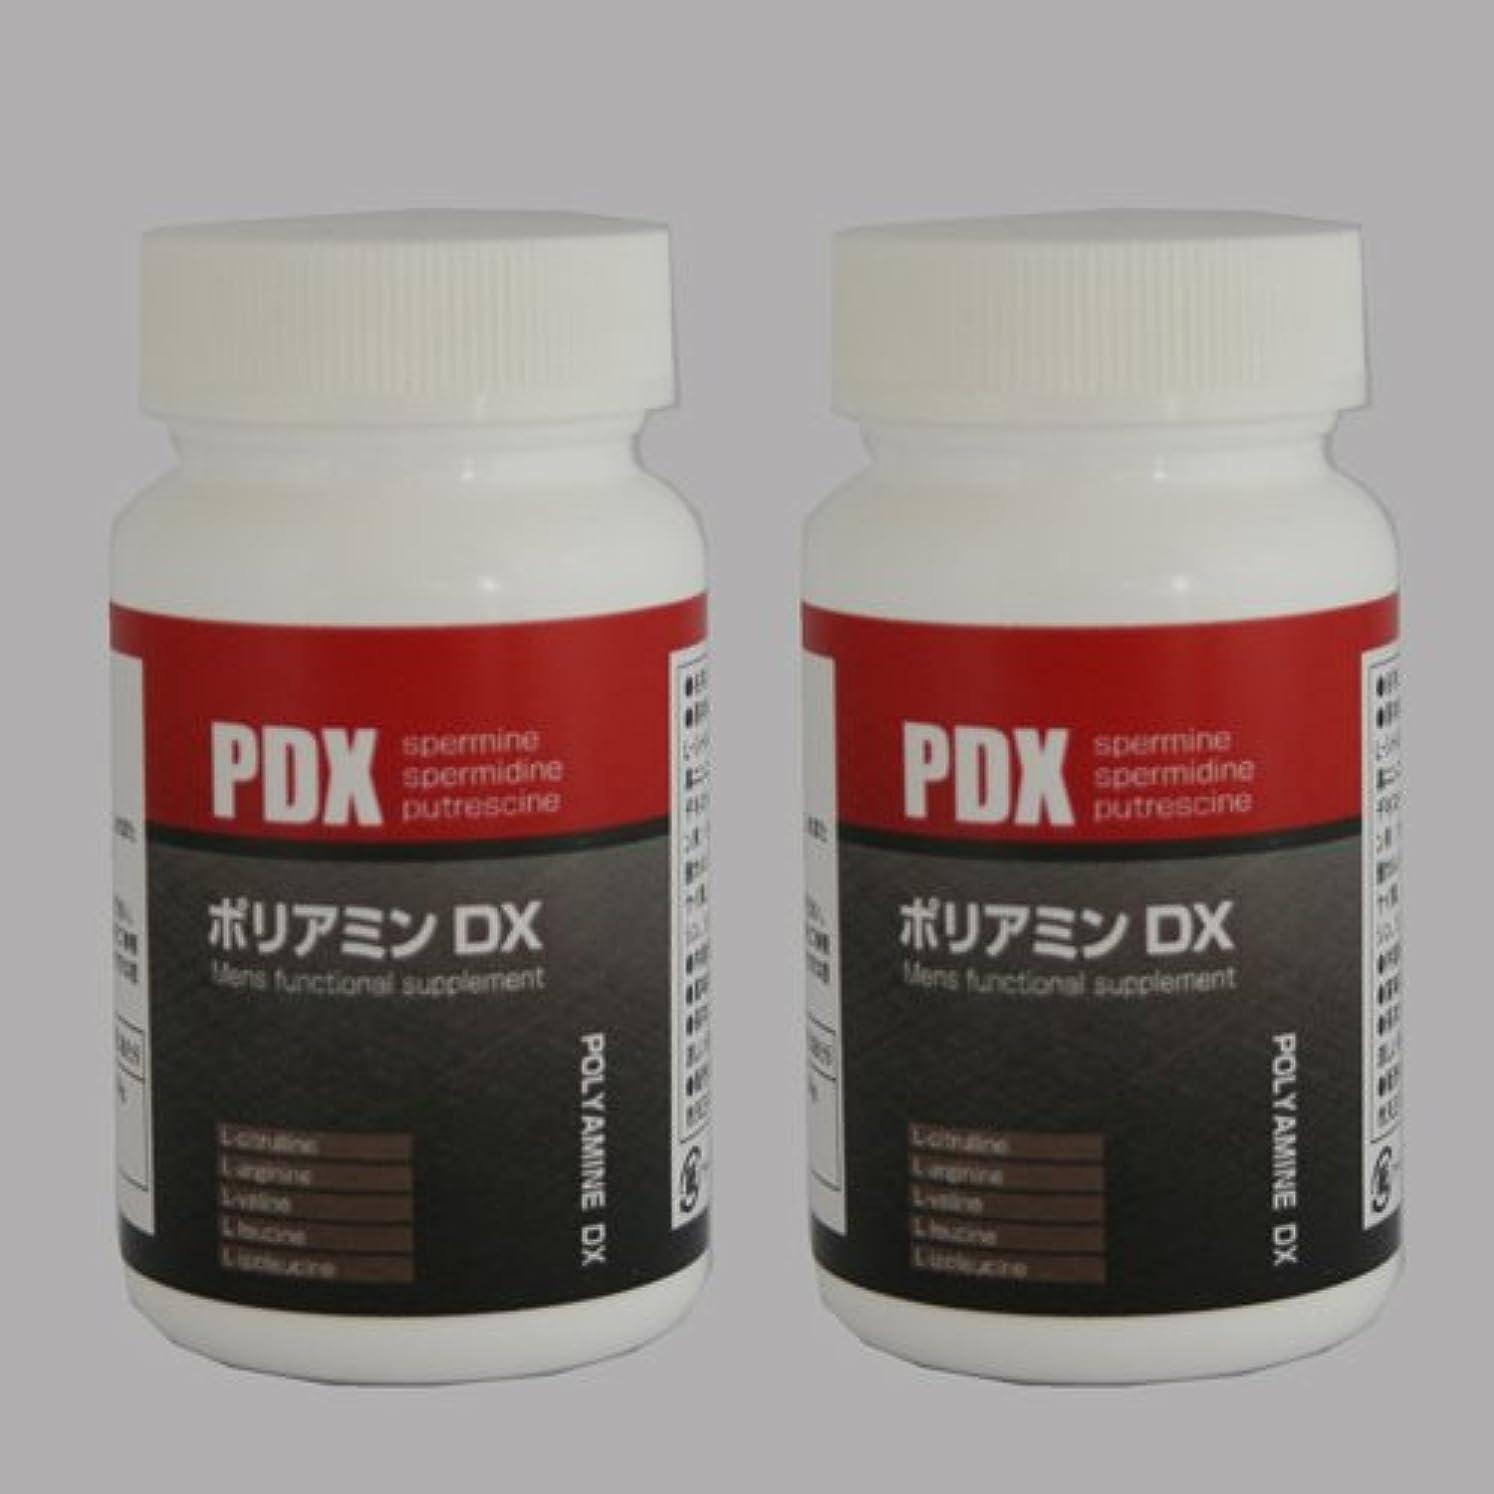 スカルク却下する怒るポリアミンDX(一番人気2個セット)(大豆抽出物配合)(最高水準の配合量)